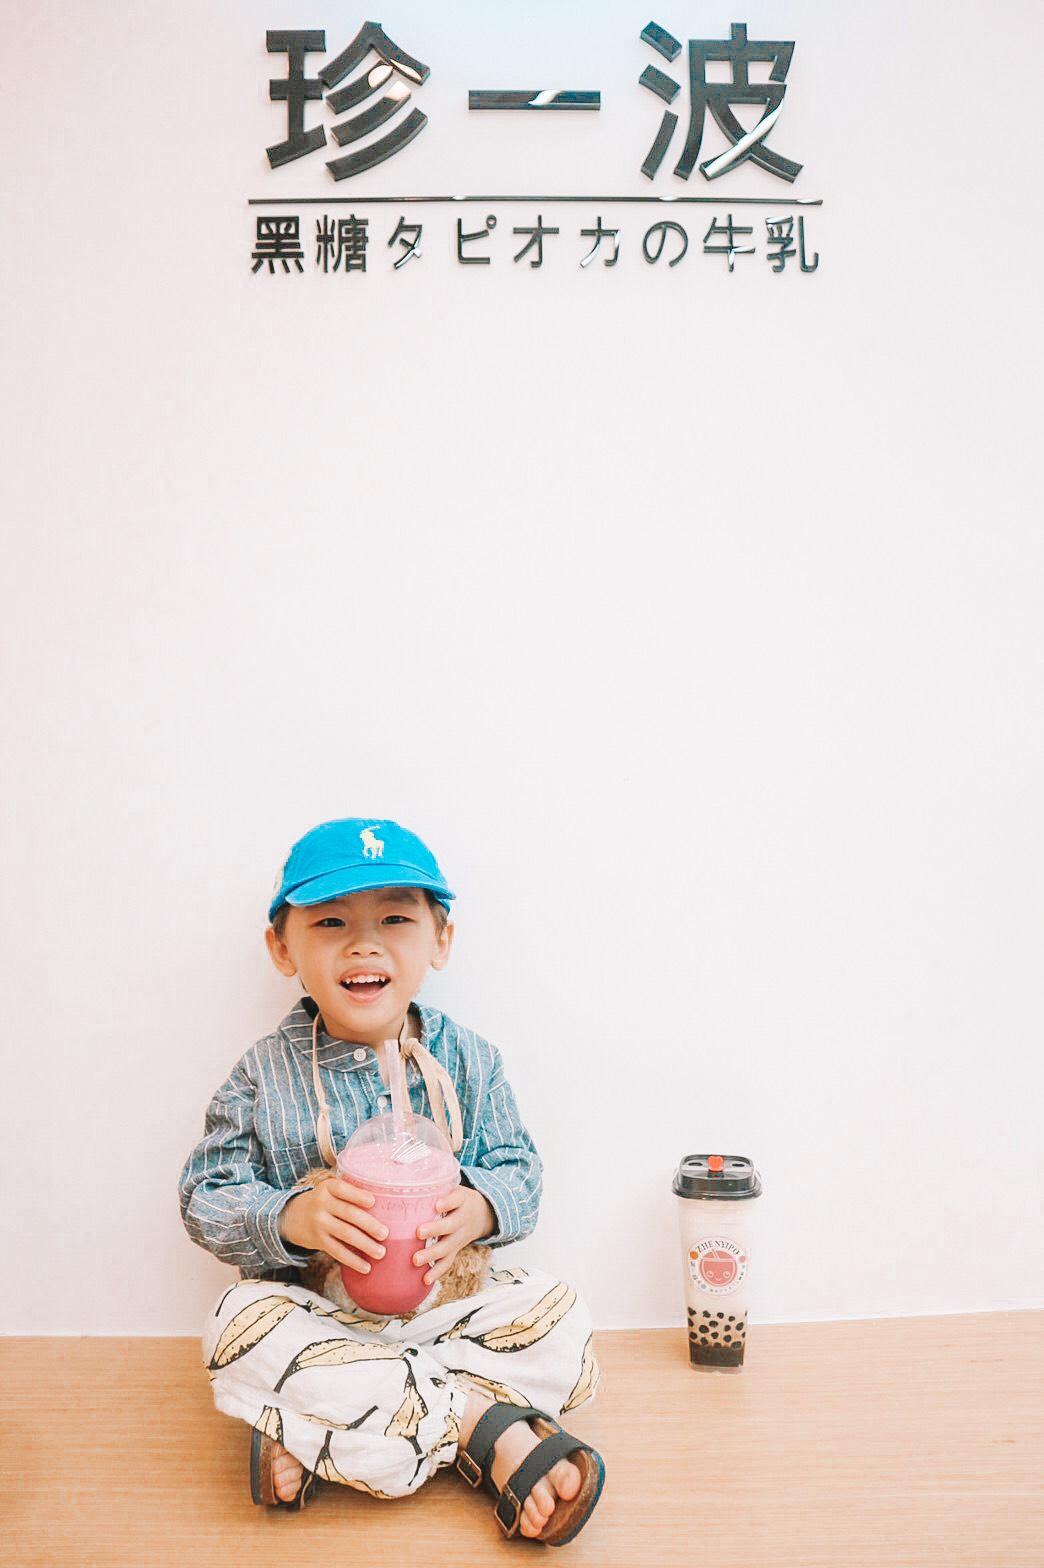 新竹美食 手搖飲料-珍一波 新竹城隍廟附近商圈的手搖飲料